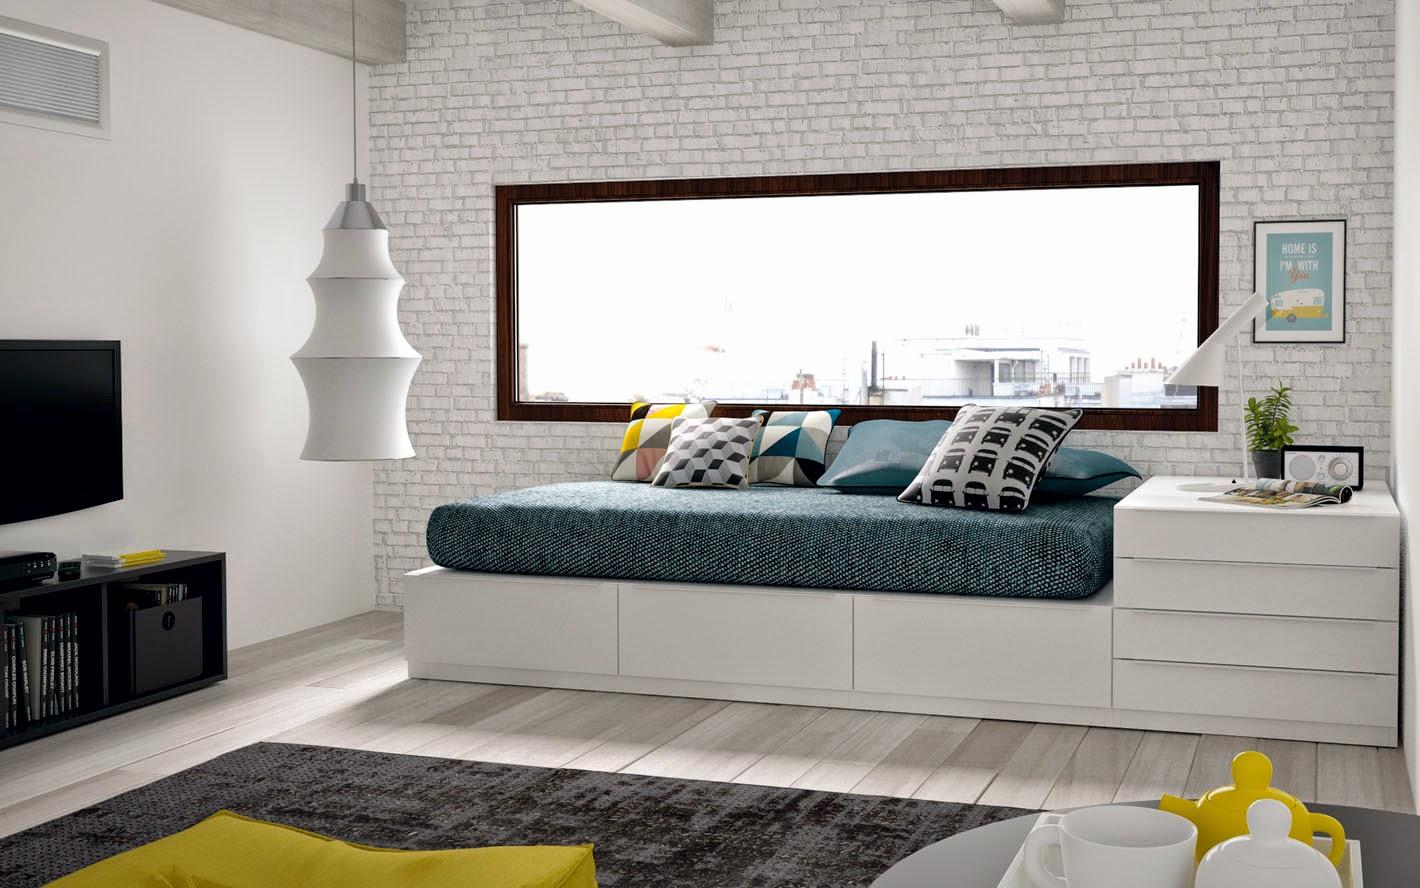 Novedades en dormitorios juveniles - Habitaciones juveniles con estilo ...